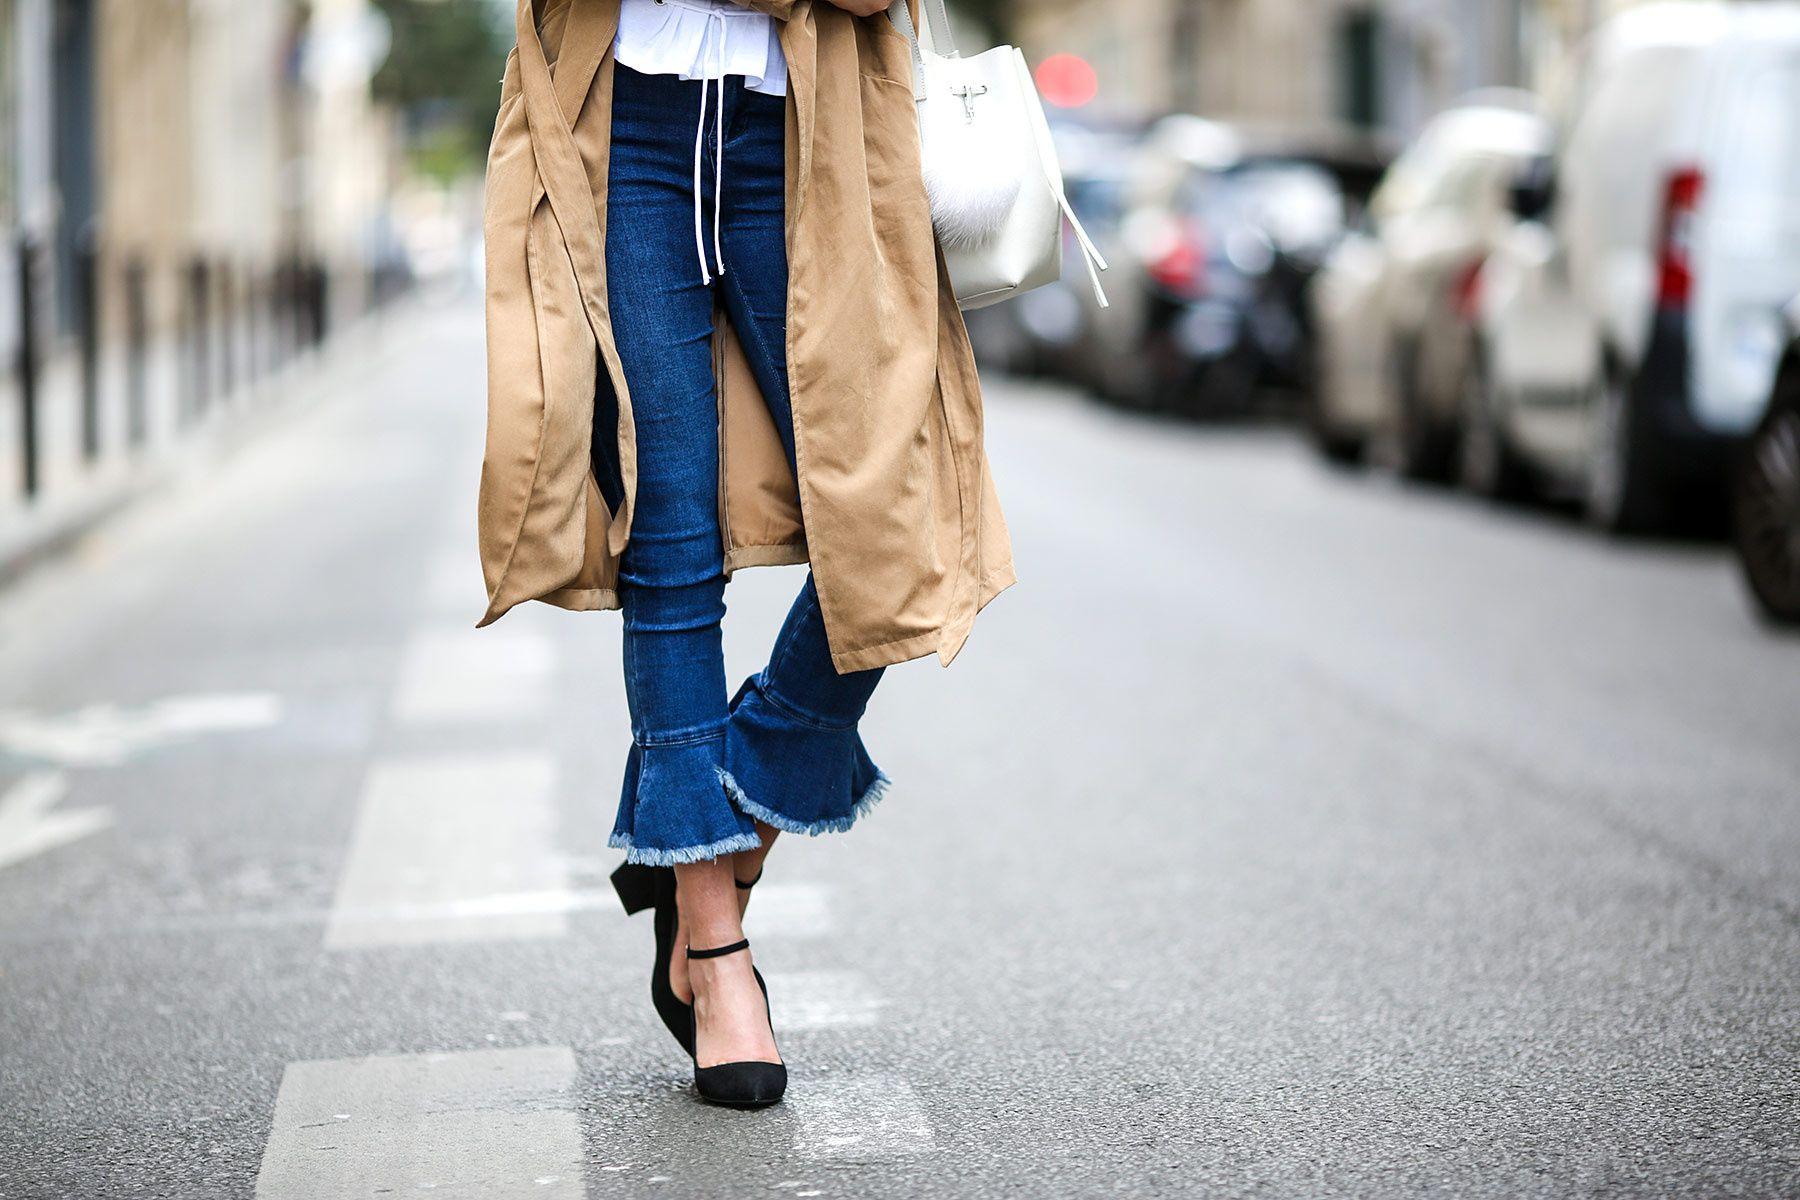 Los olanes invaden la moda en 7 piezas clave - EN TUS JEANS | Galería de fotos 6 de 7 | Glamour